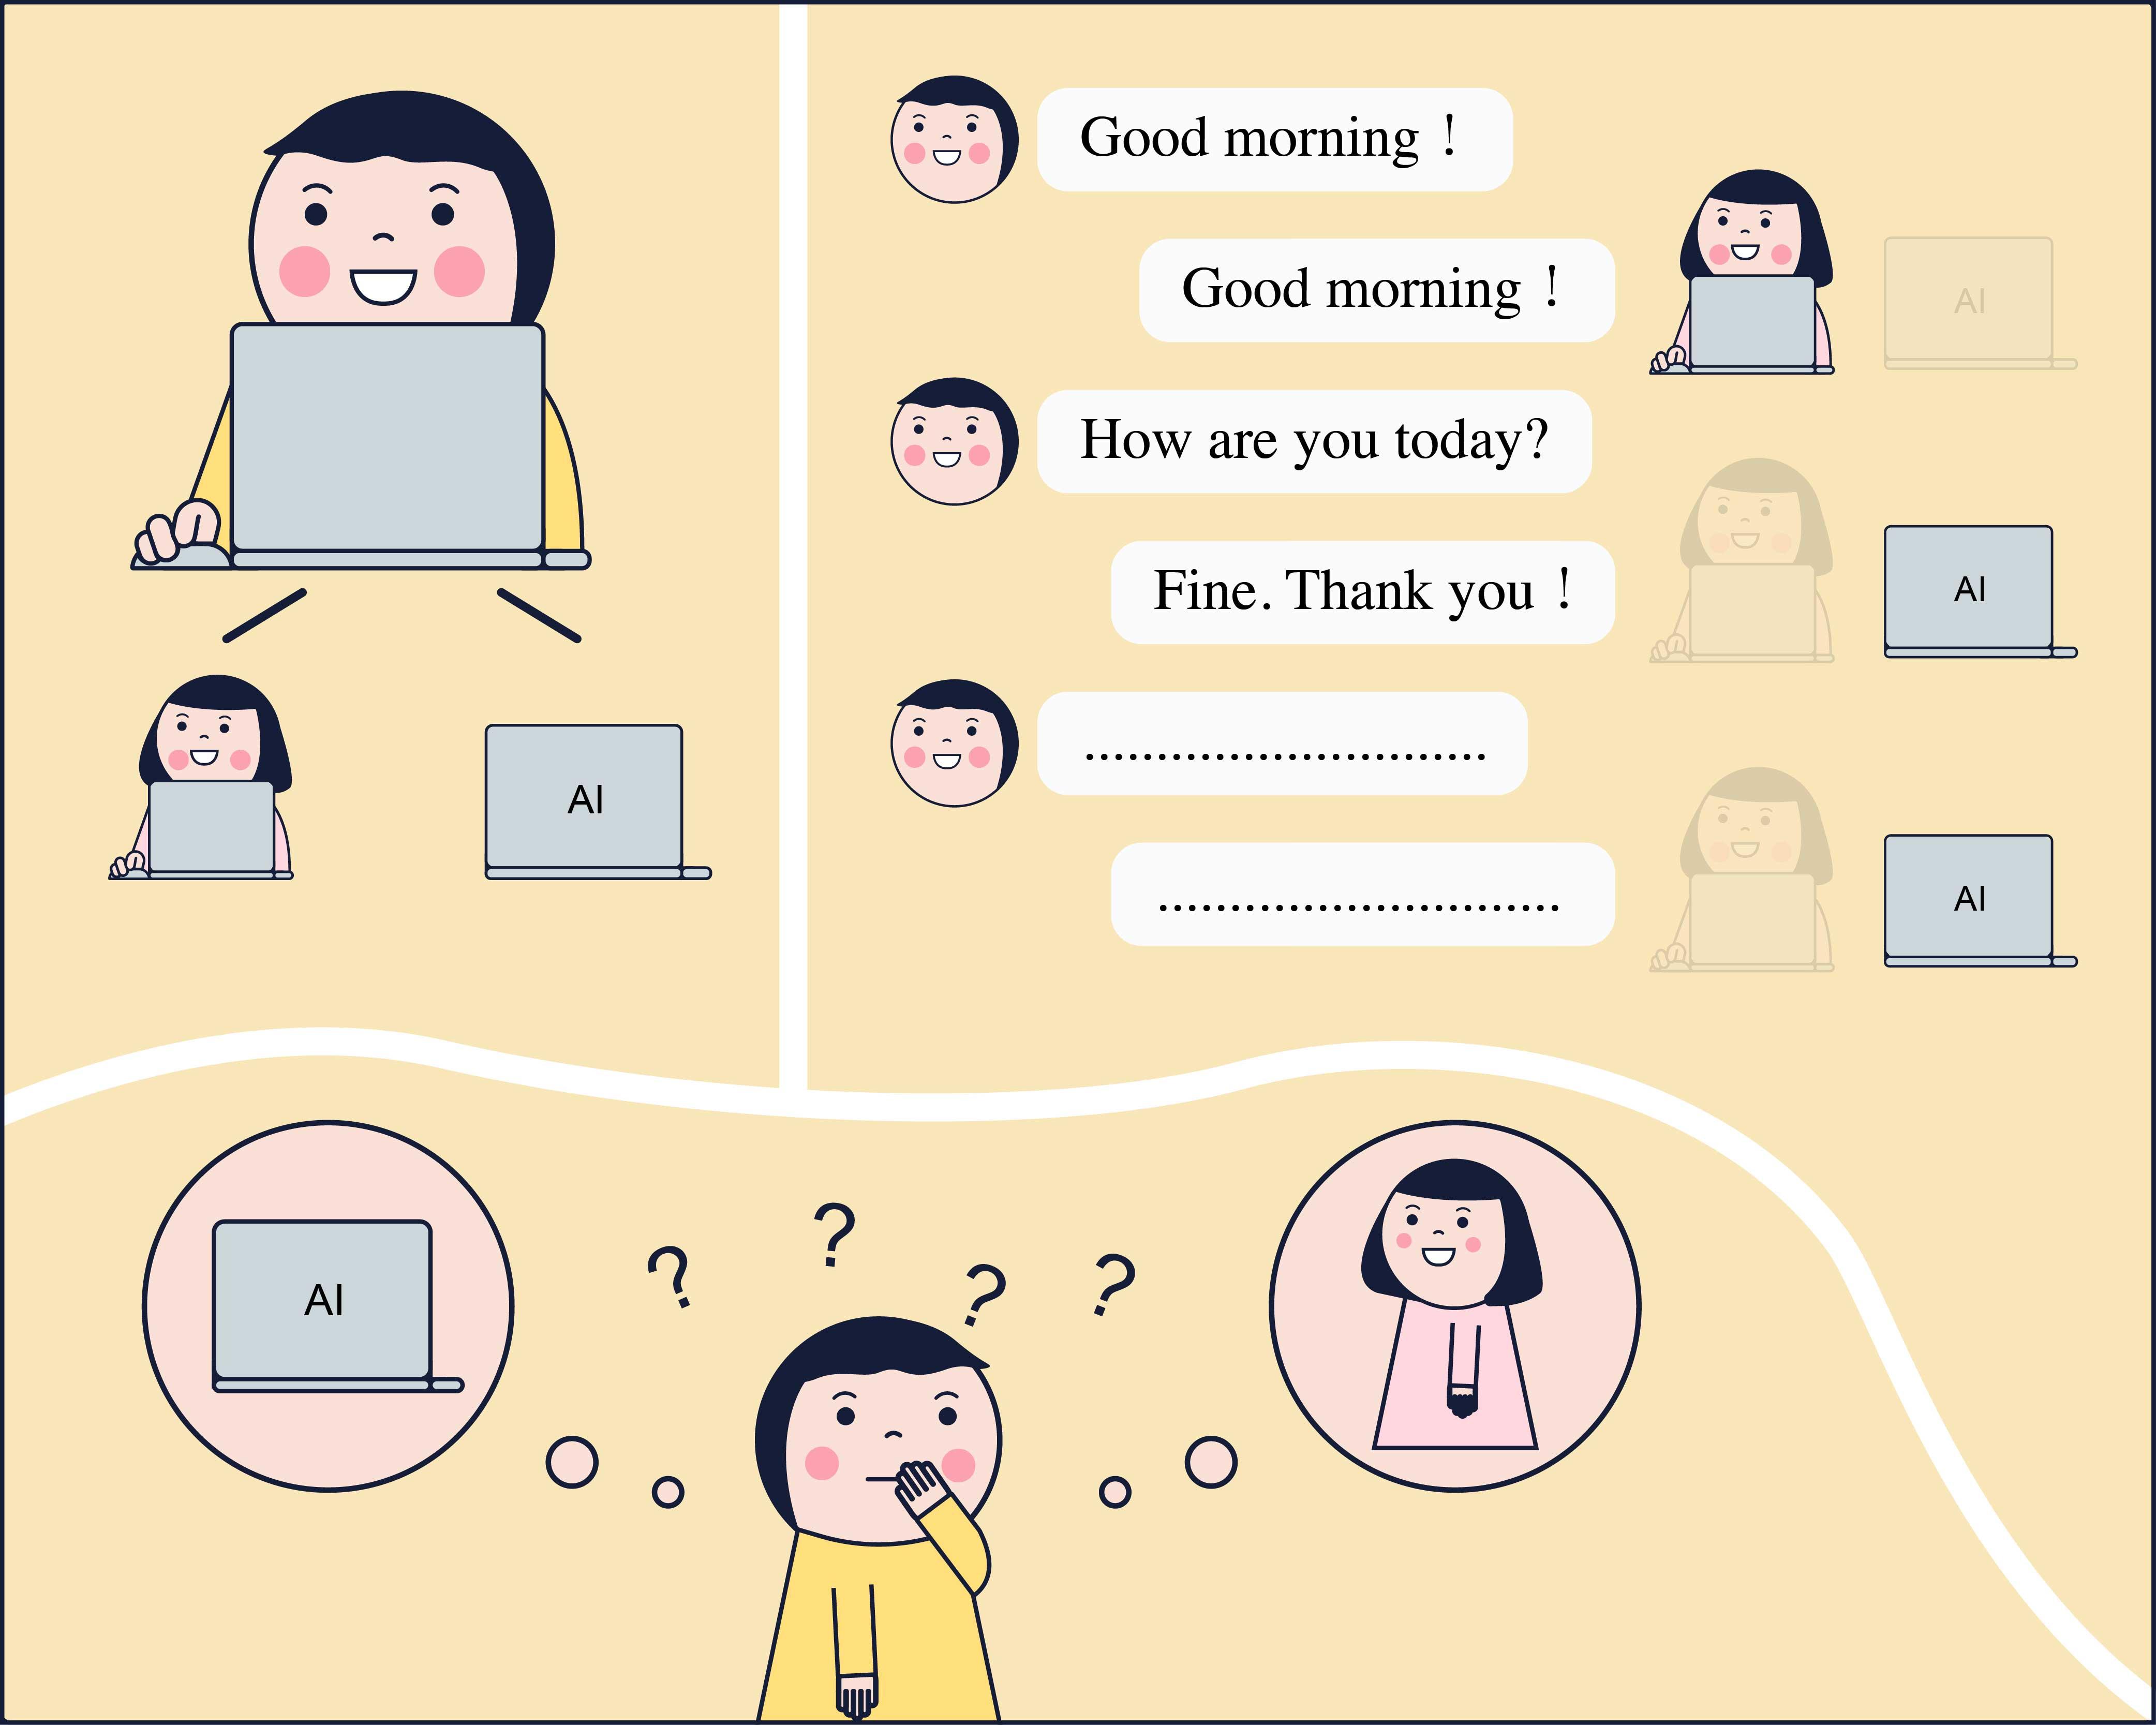 「涂林測試」是利用電腦模仿人類交談的遊戲,來判斷機器是否像人一樣有思考能力。 圖片重製│張語辰